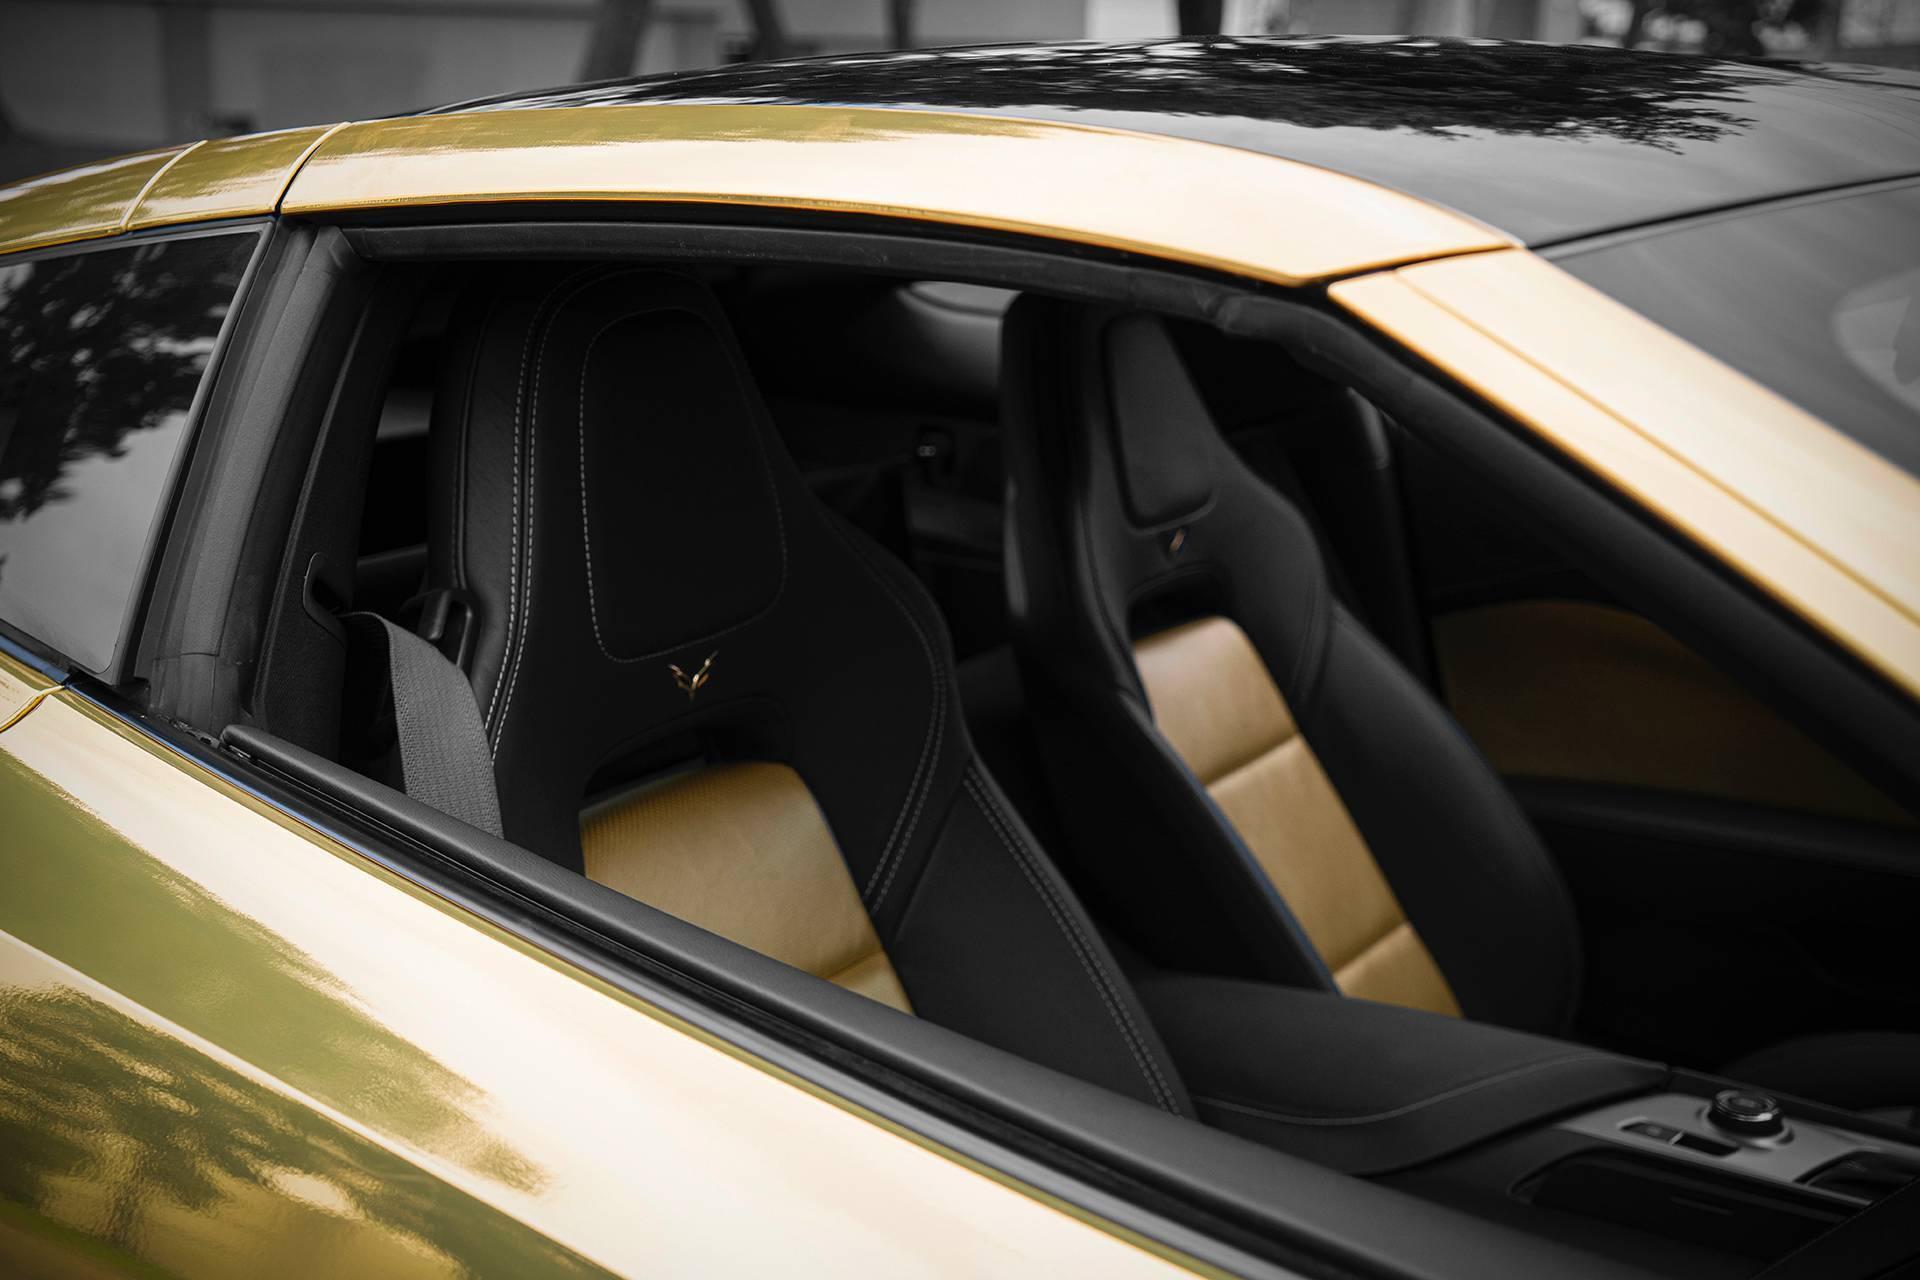 Lóa mắt với chiếc xe màu vàng bóng nổi bật trên phố Ảnh 11